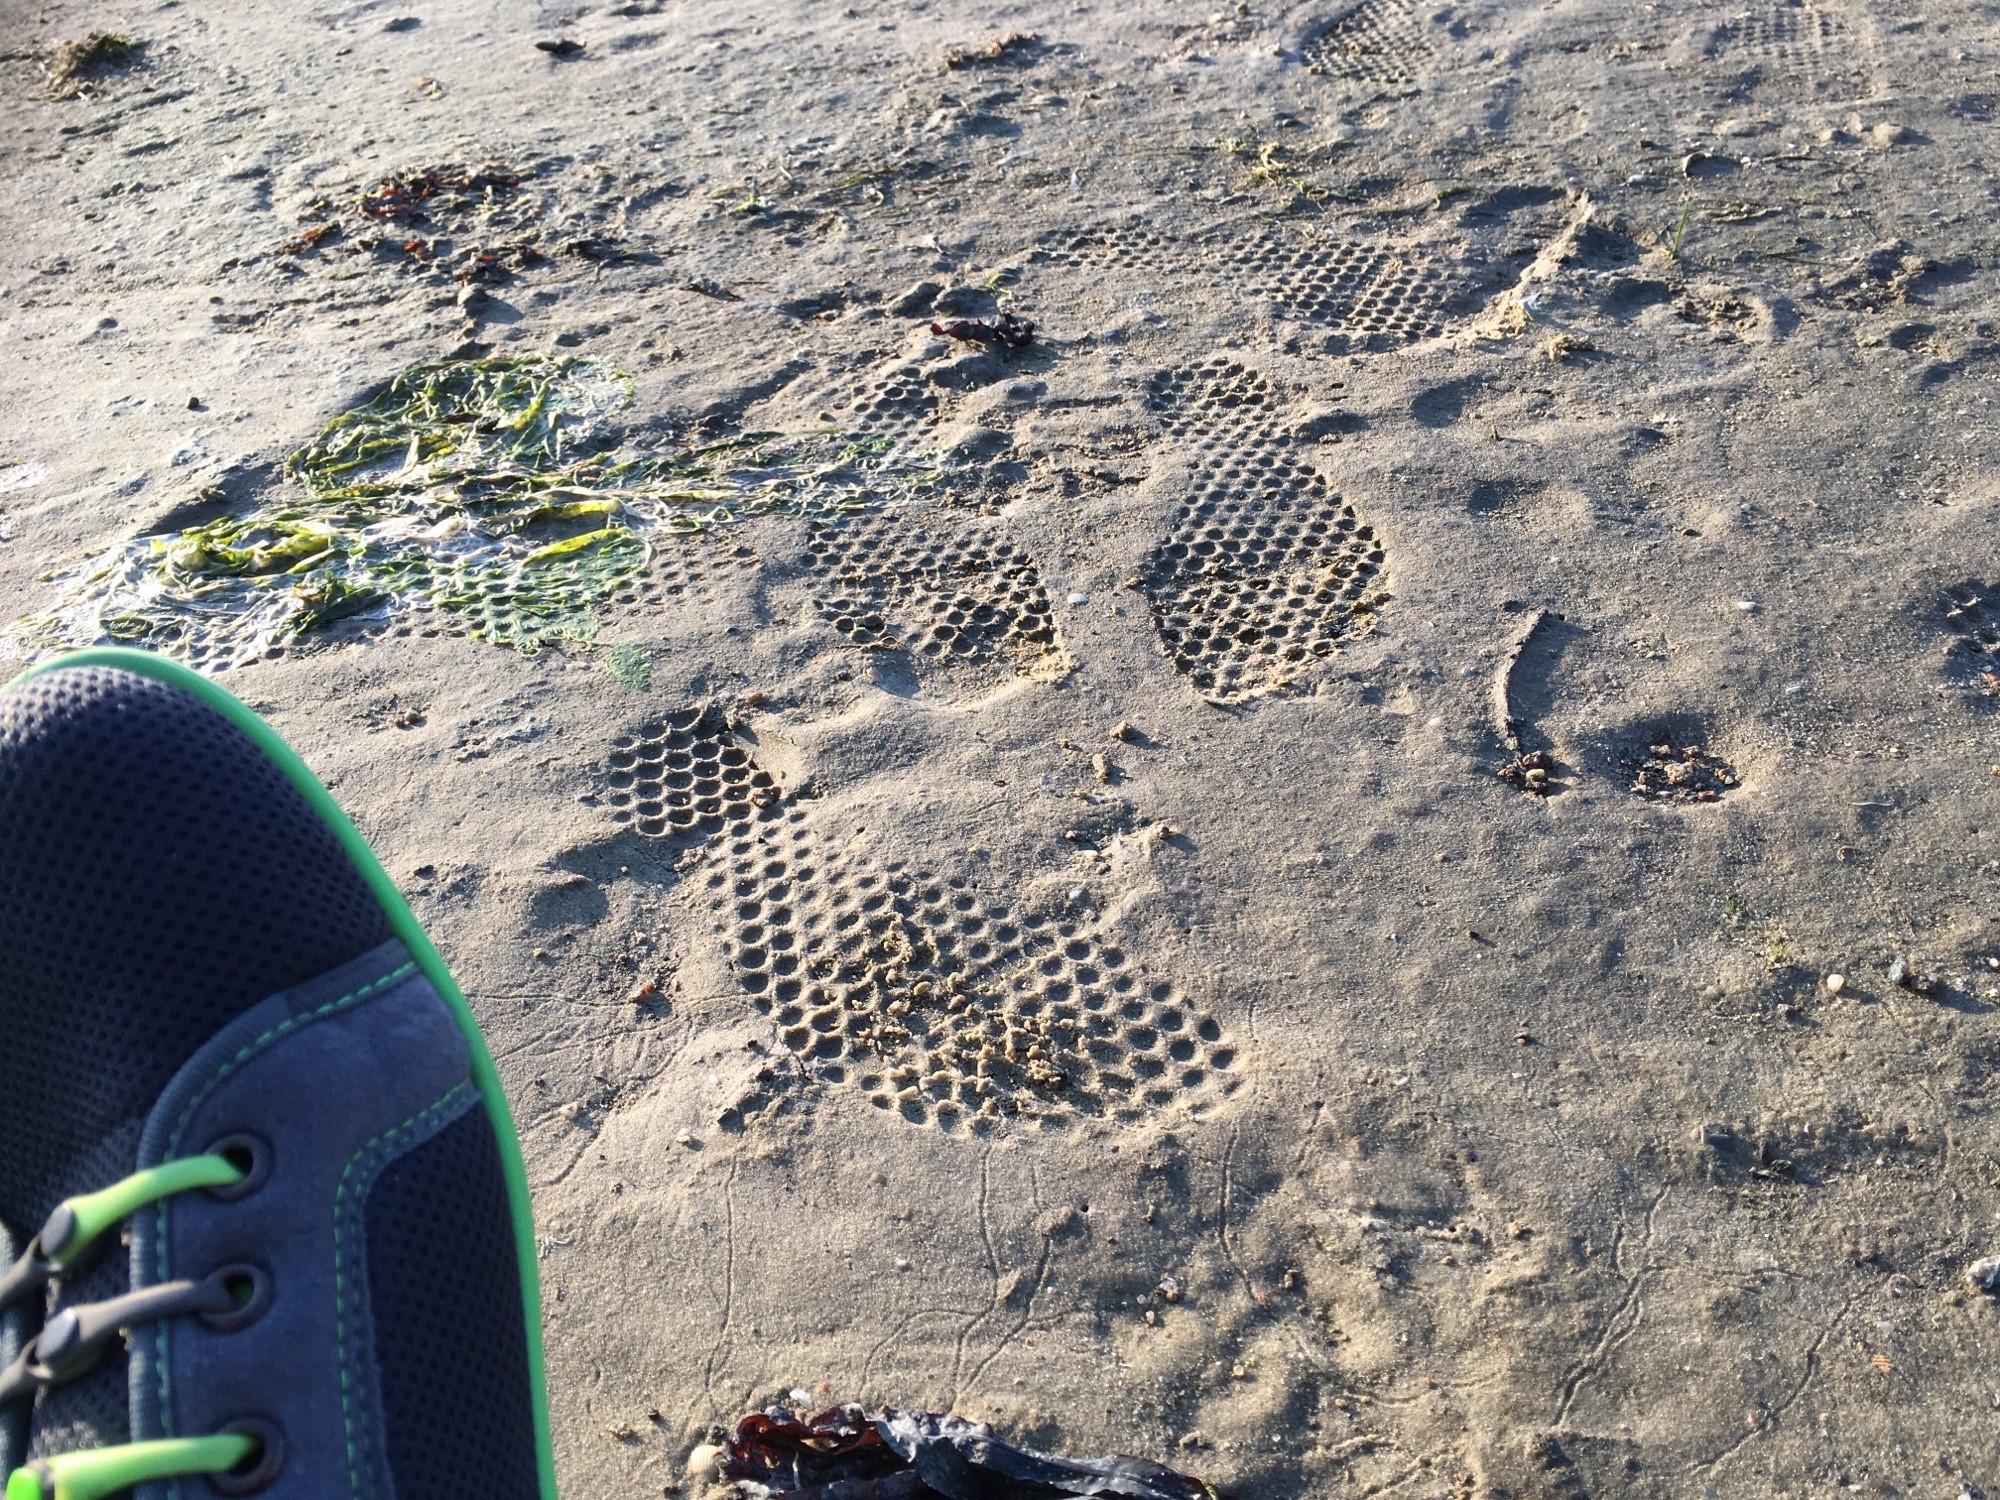 leguano Barfußschuhe an der Nordsee im Watt